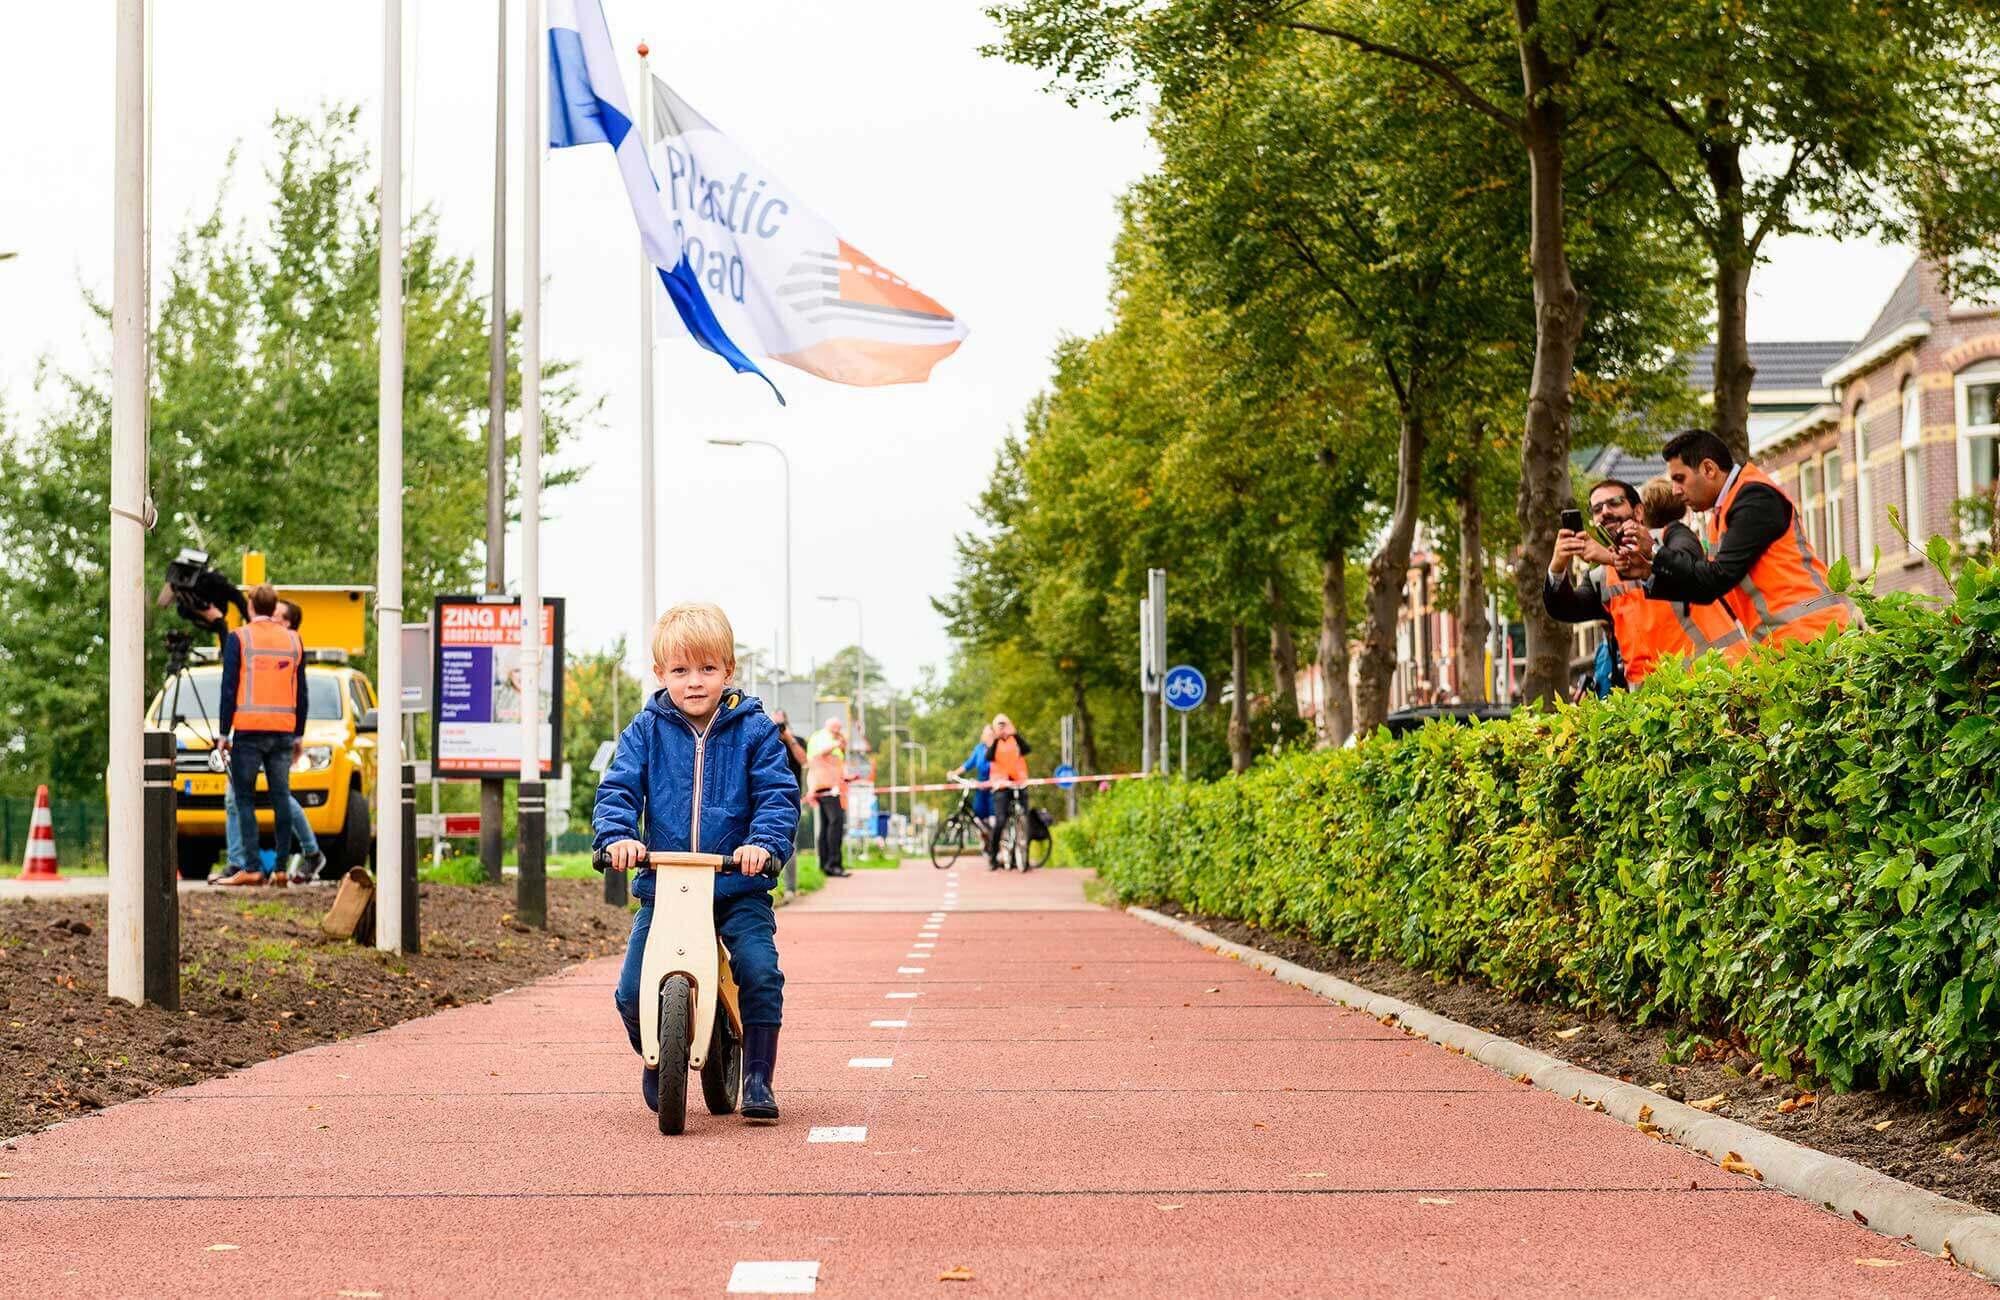 Pluripremiato: il progetto PlasticRoad è già stato insignito del Dutch Water Innovation Award, dell'Infratech Award e del Cobouw Award come miglior prodotto del 2018.